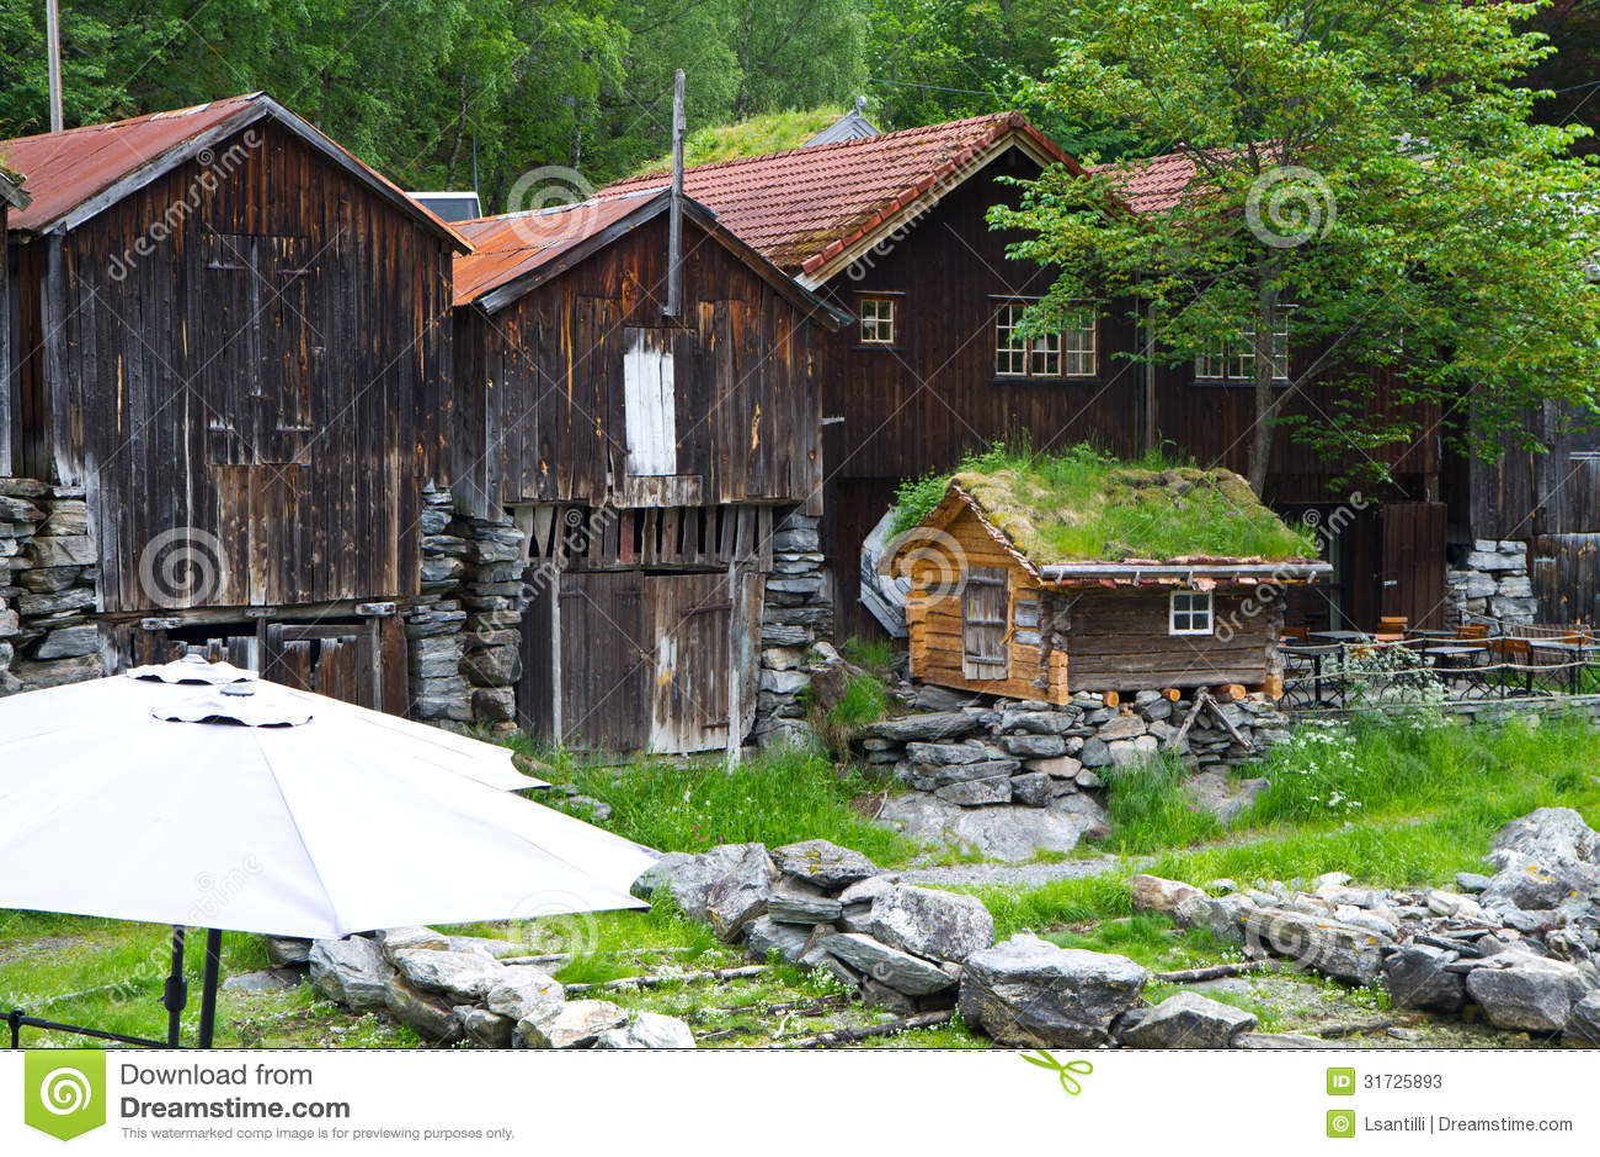 Las casas de campo en pueblo olden en noruega imagen de for Casas en noruega